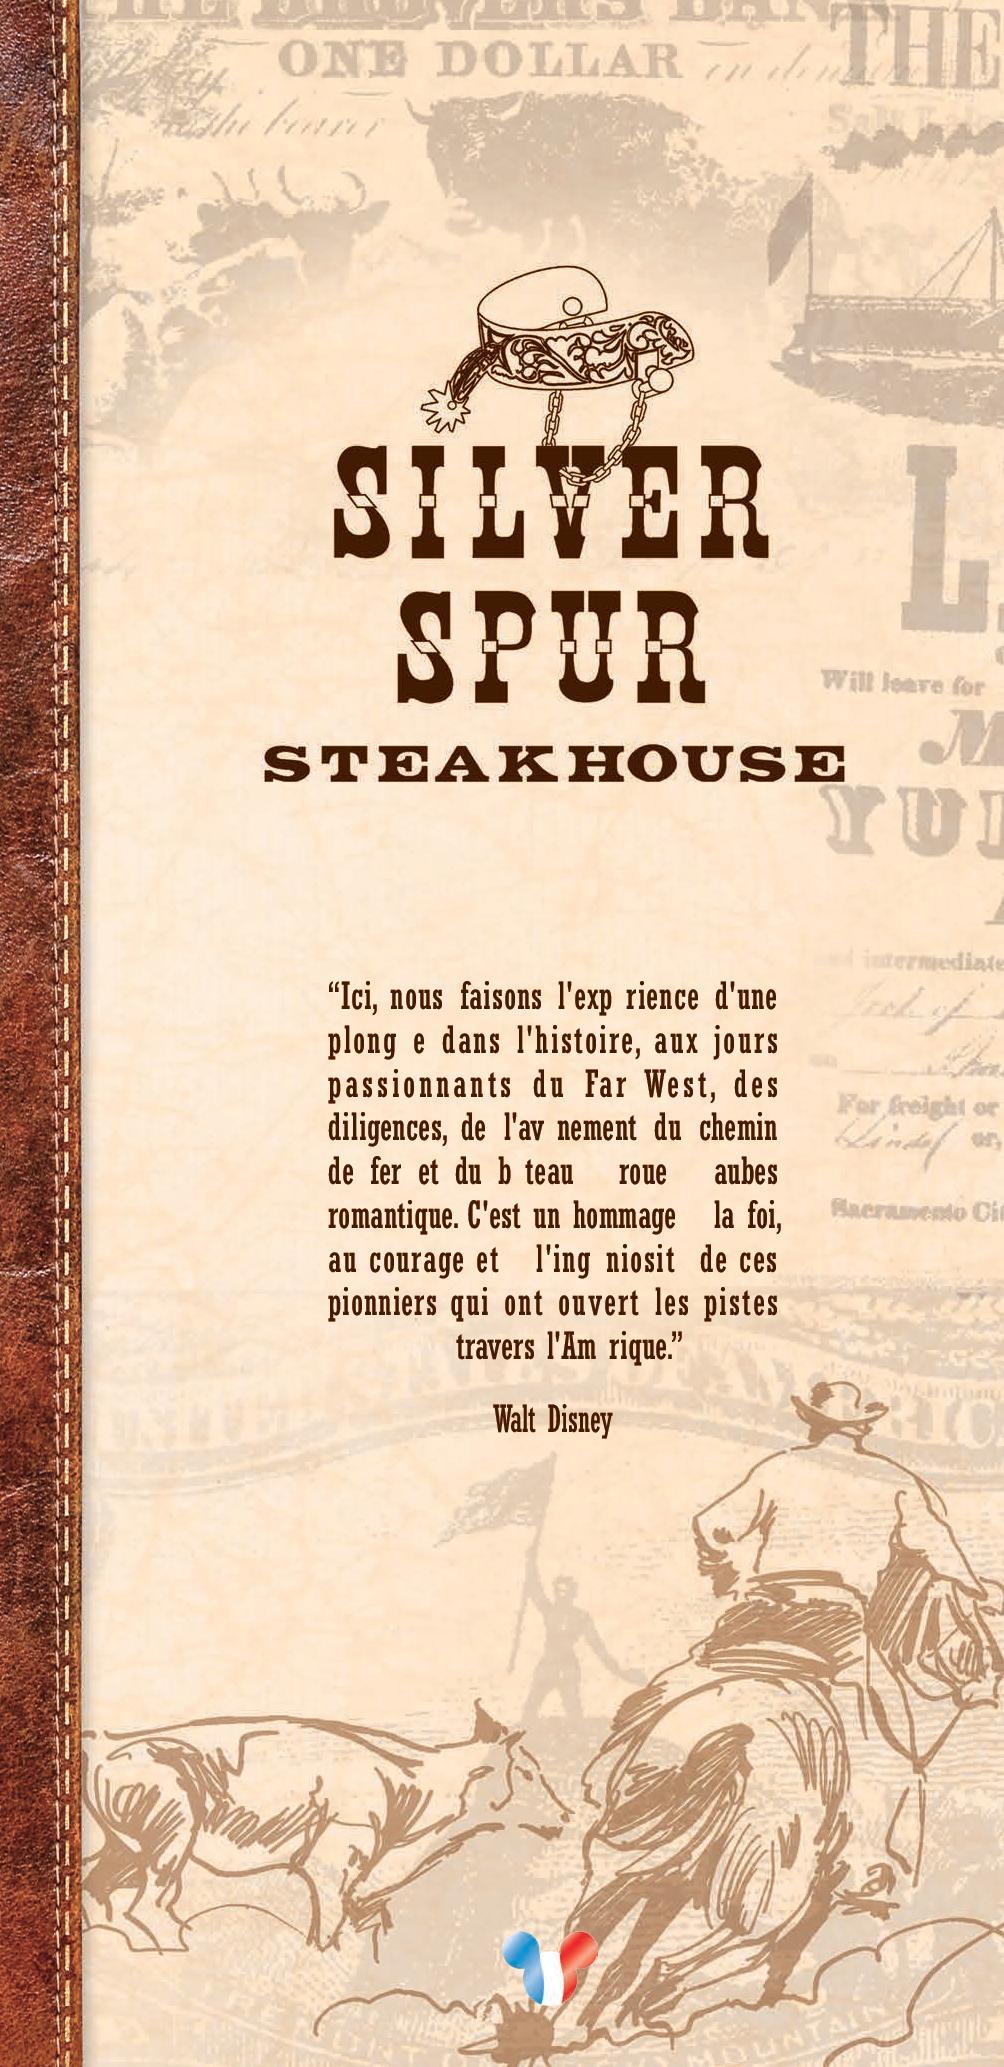 Silver Spur Steakhouse (carte p.7) - Page 7 P1rr0412